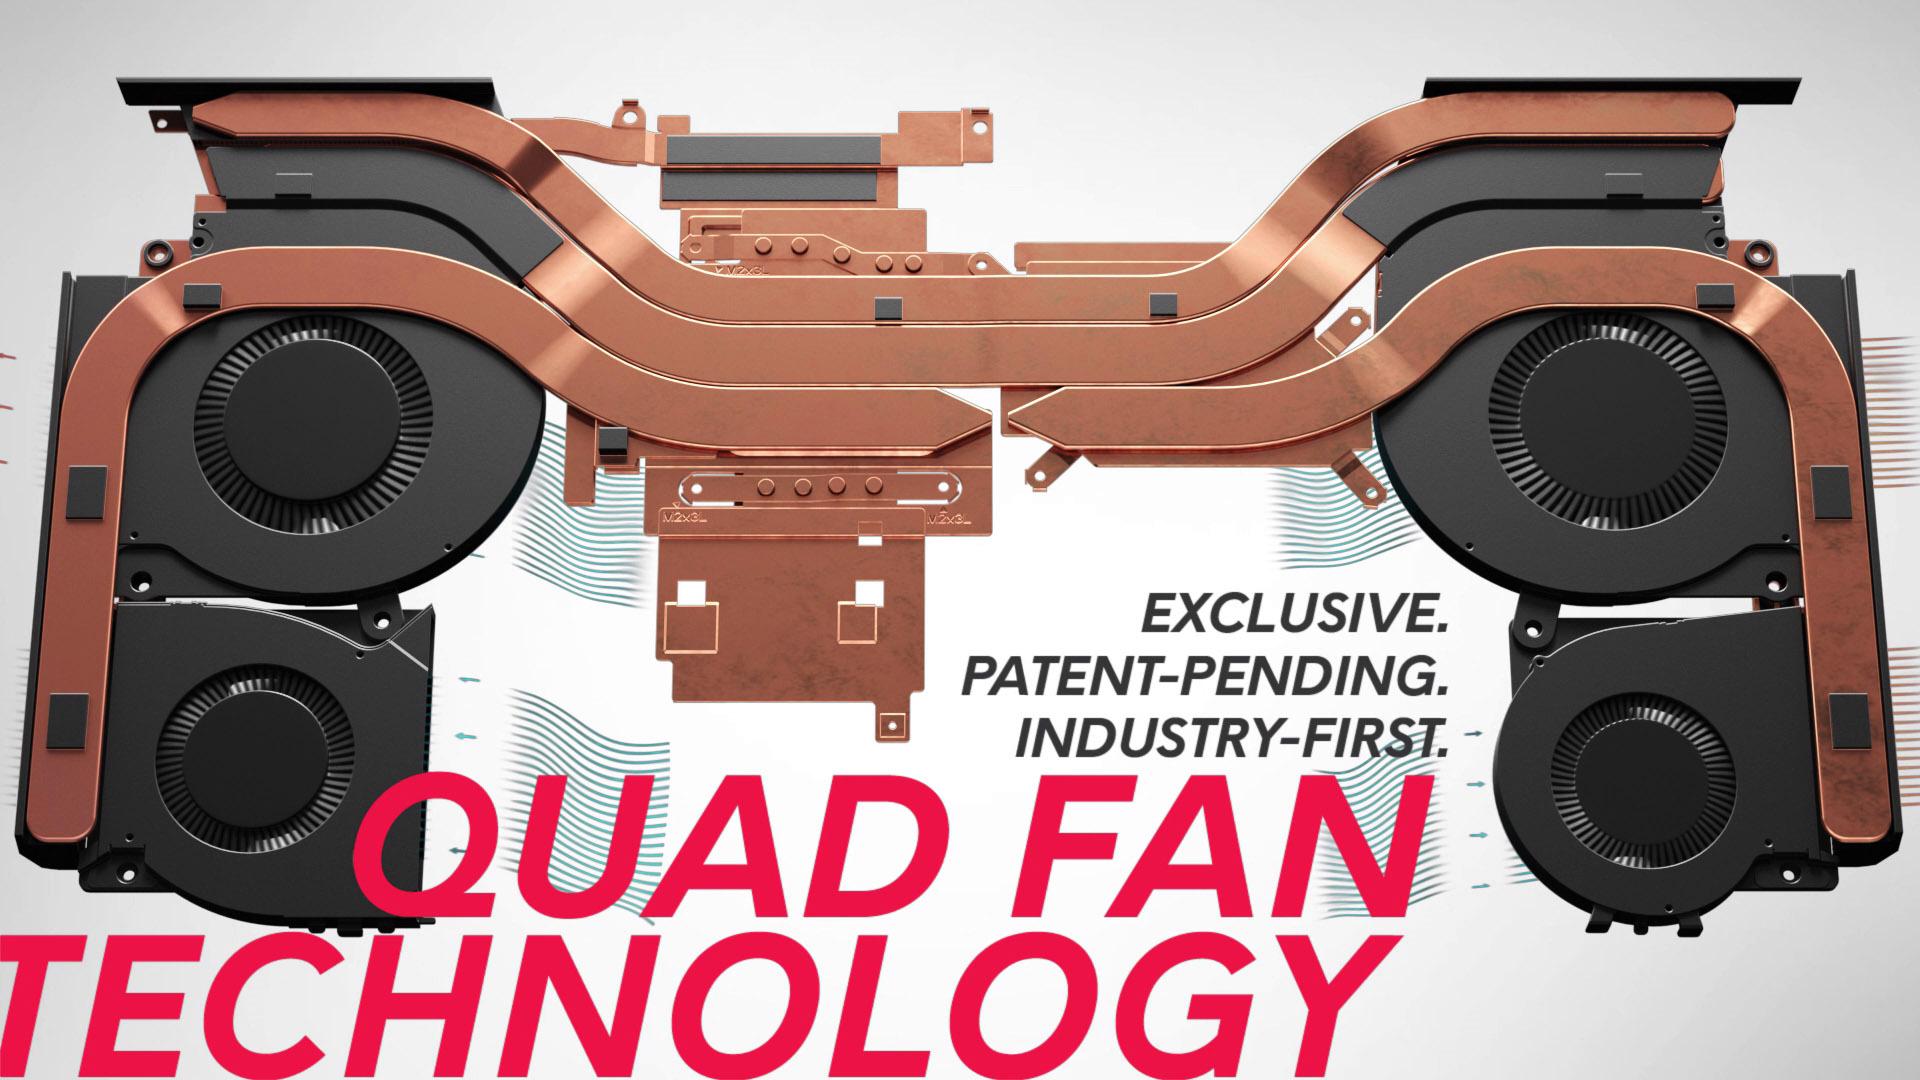 Dell Quad Fan